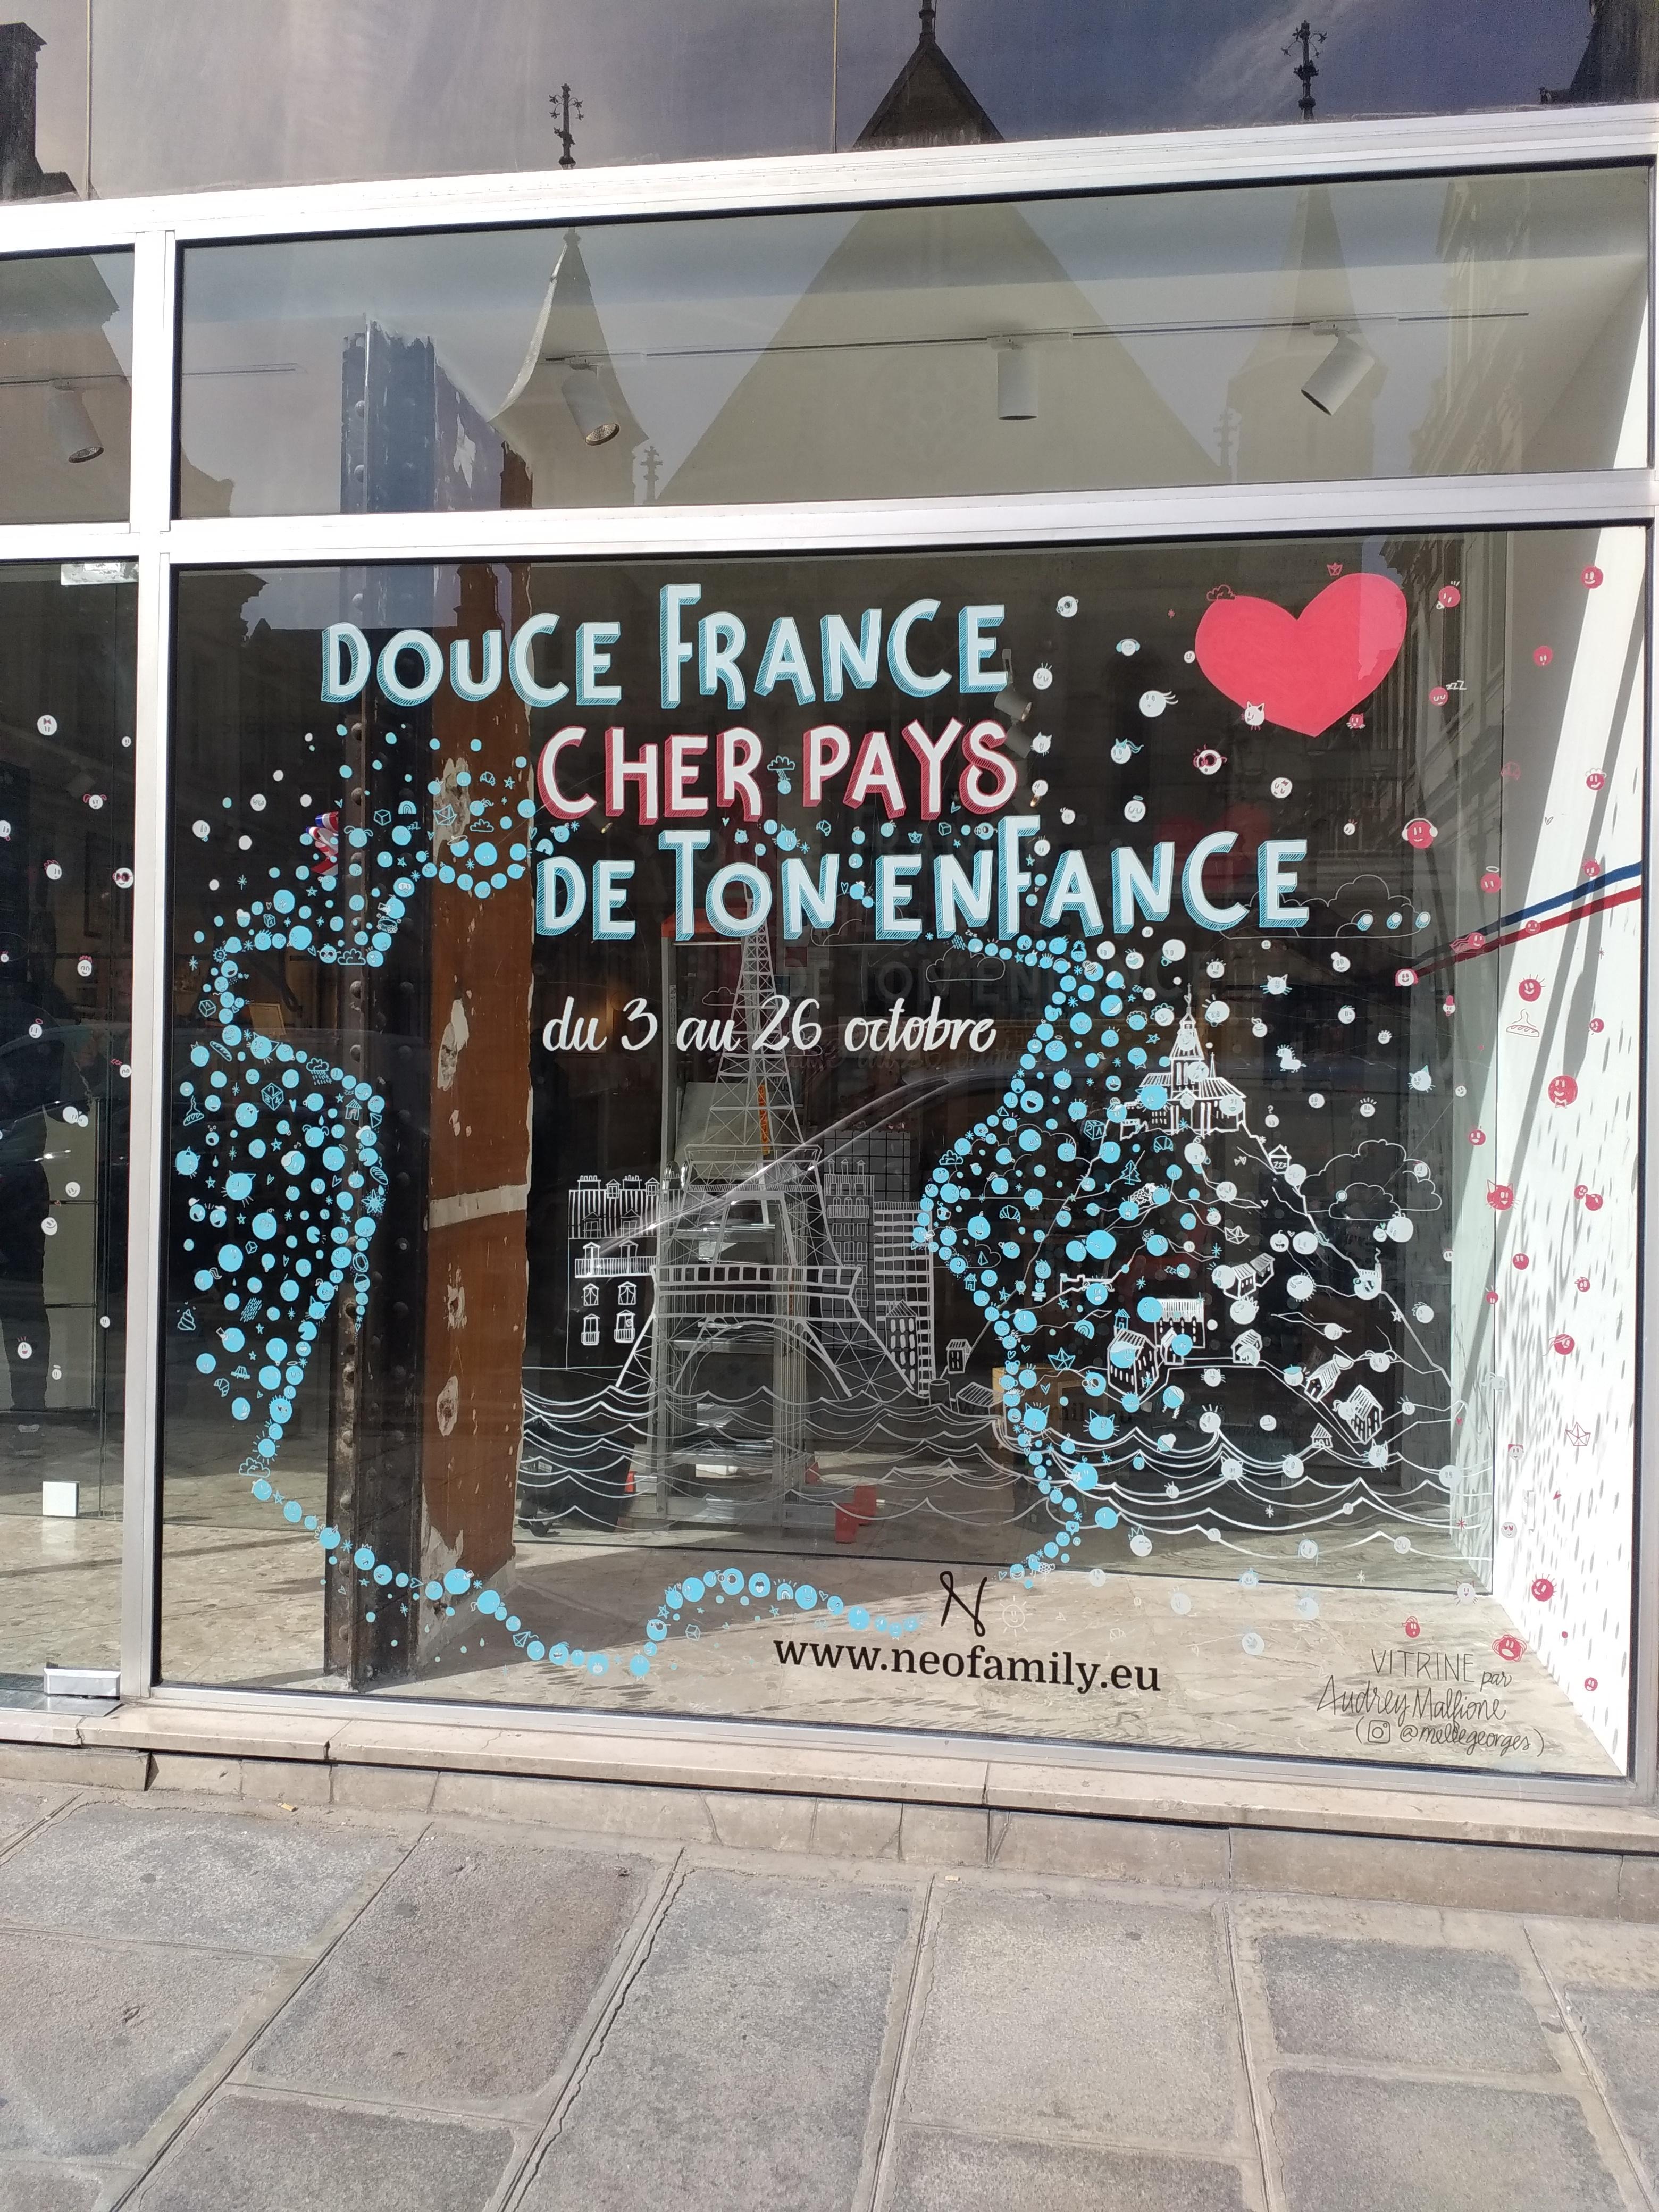 Douce France Cher Pays de ton Enfance…